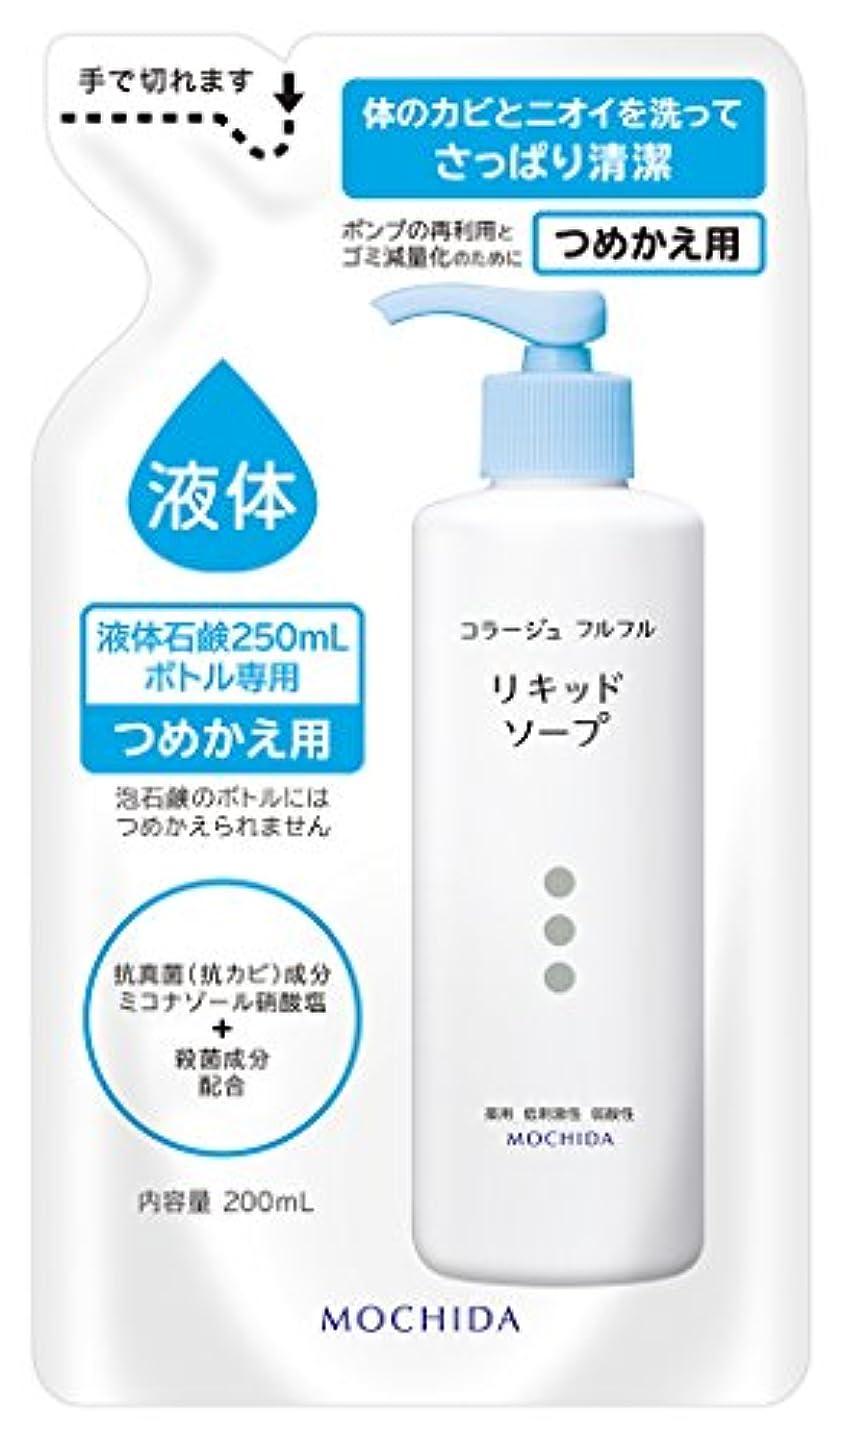 受け皿物足りない霧コラージュフルフル 液体石鹸 (つめかえ用) 200mL (医薬部外品)